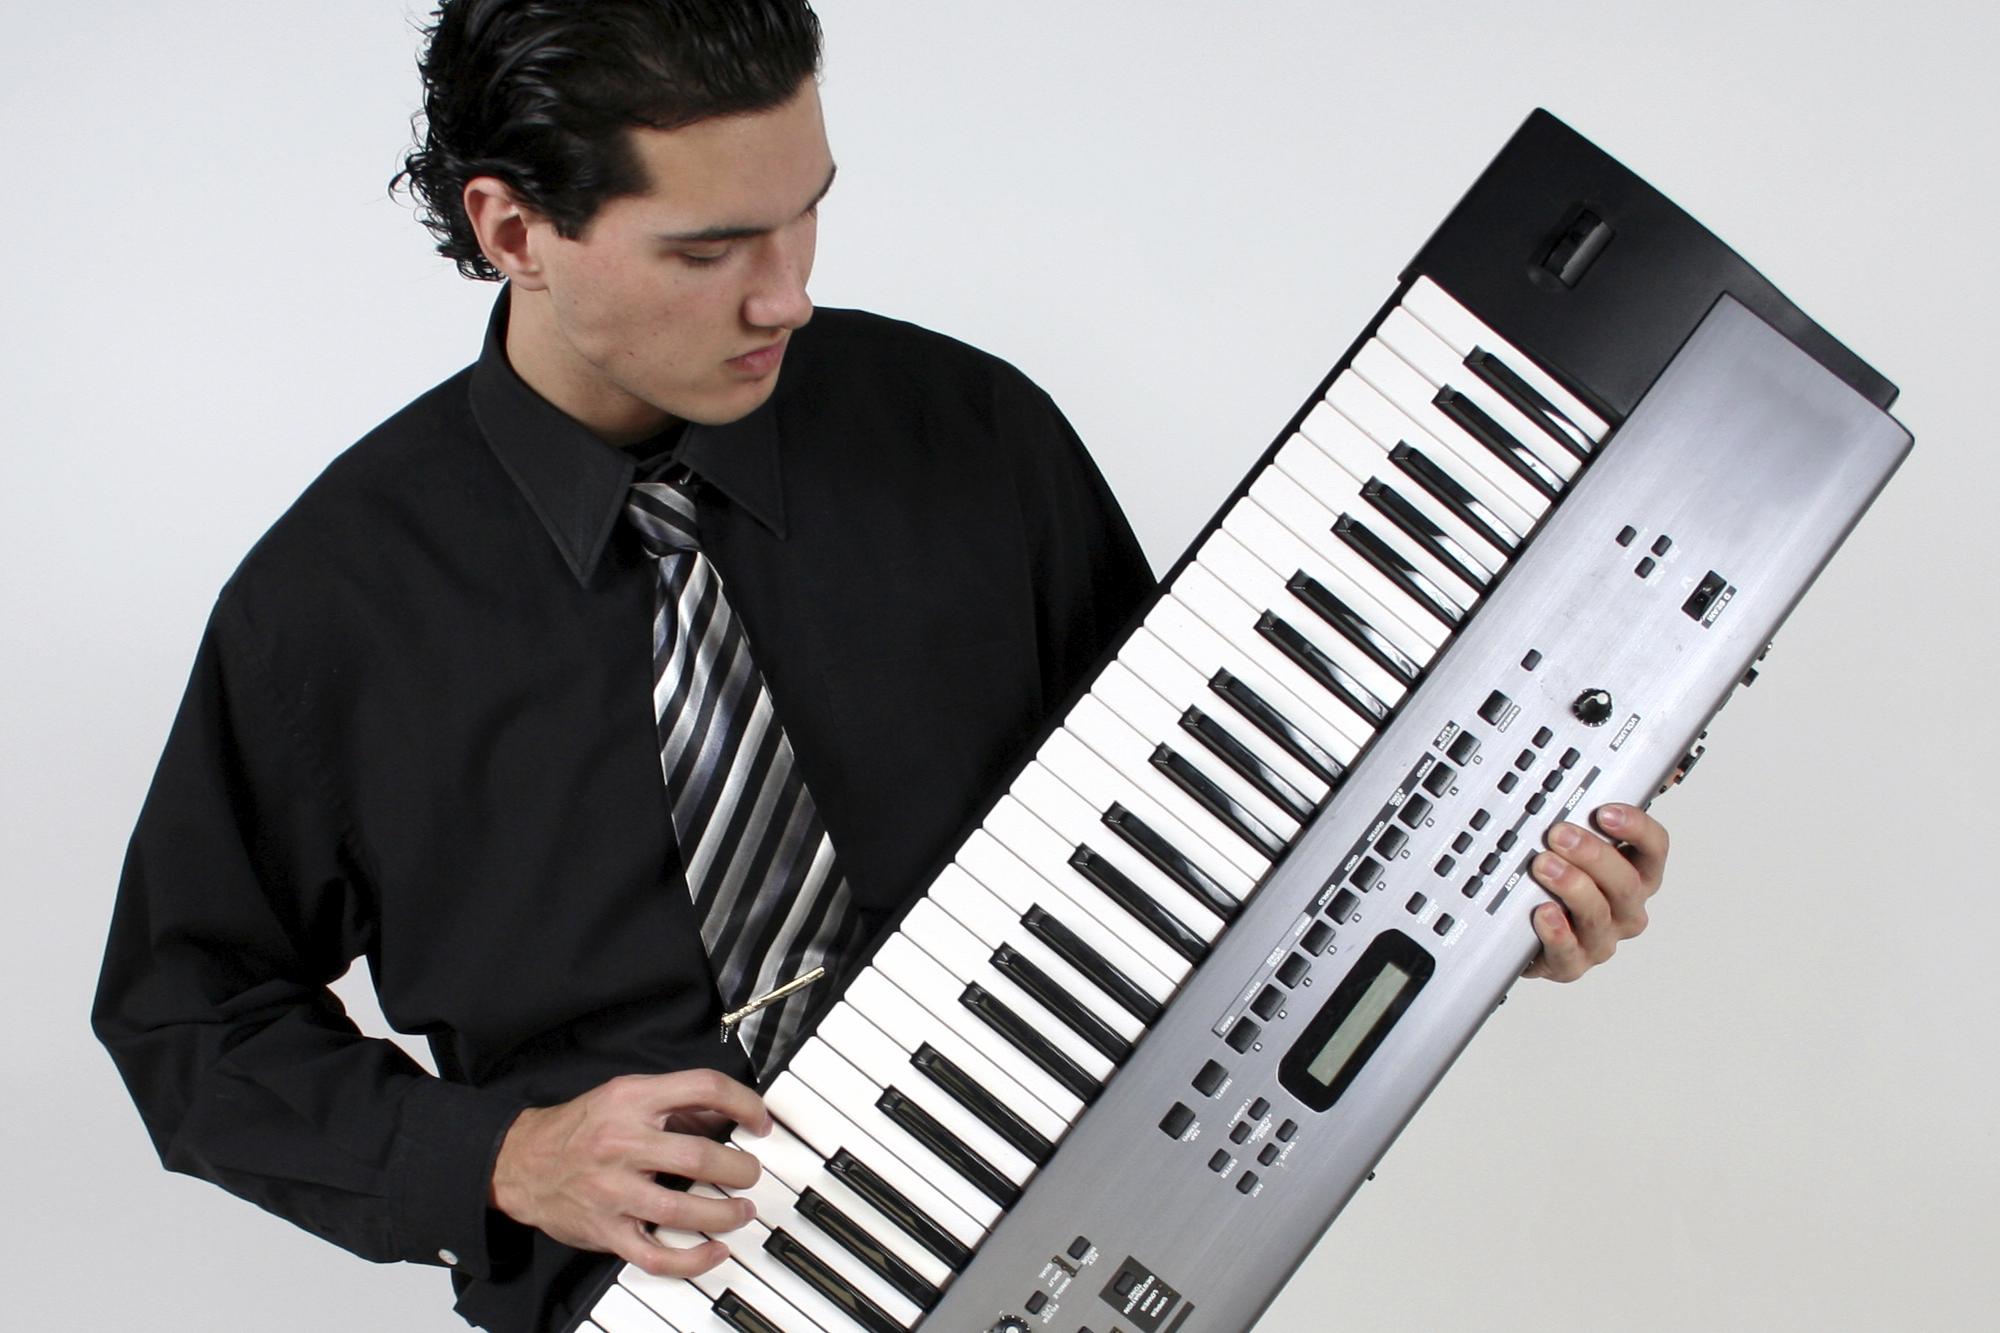 Keyboard_3x2.jpg